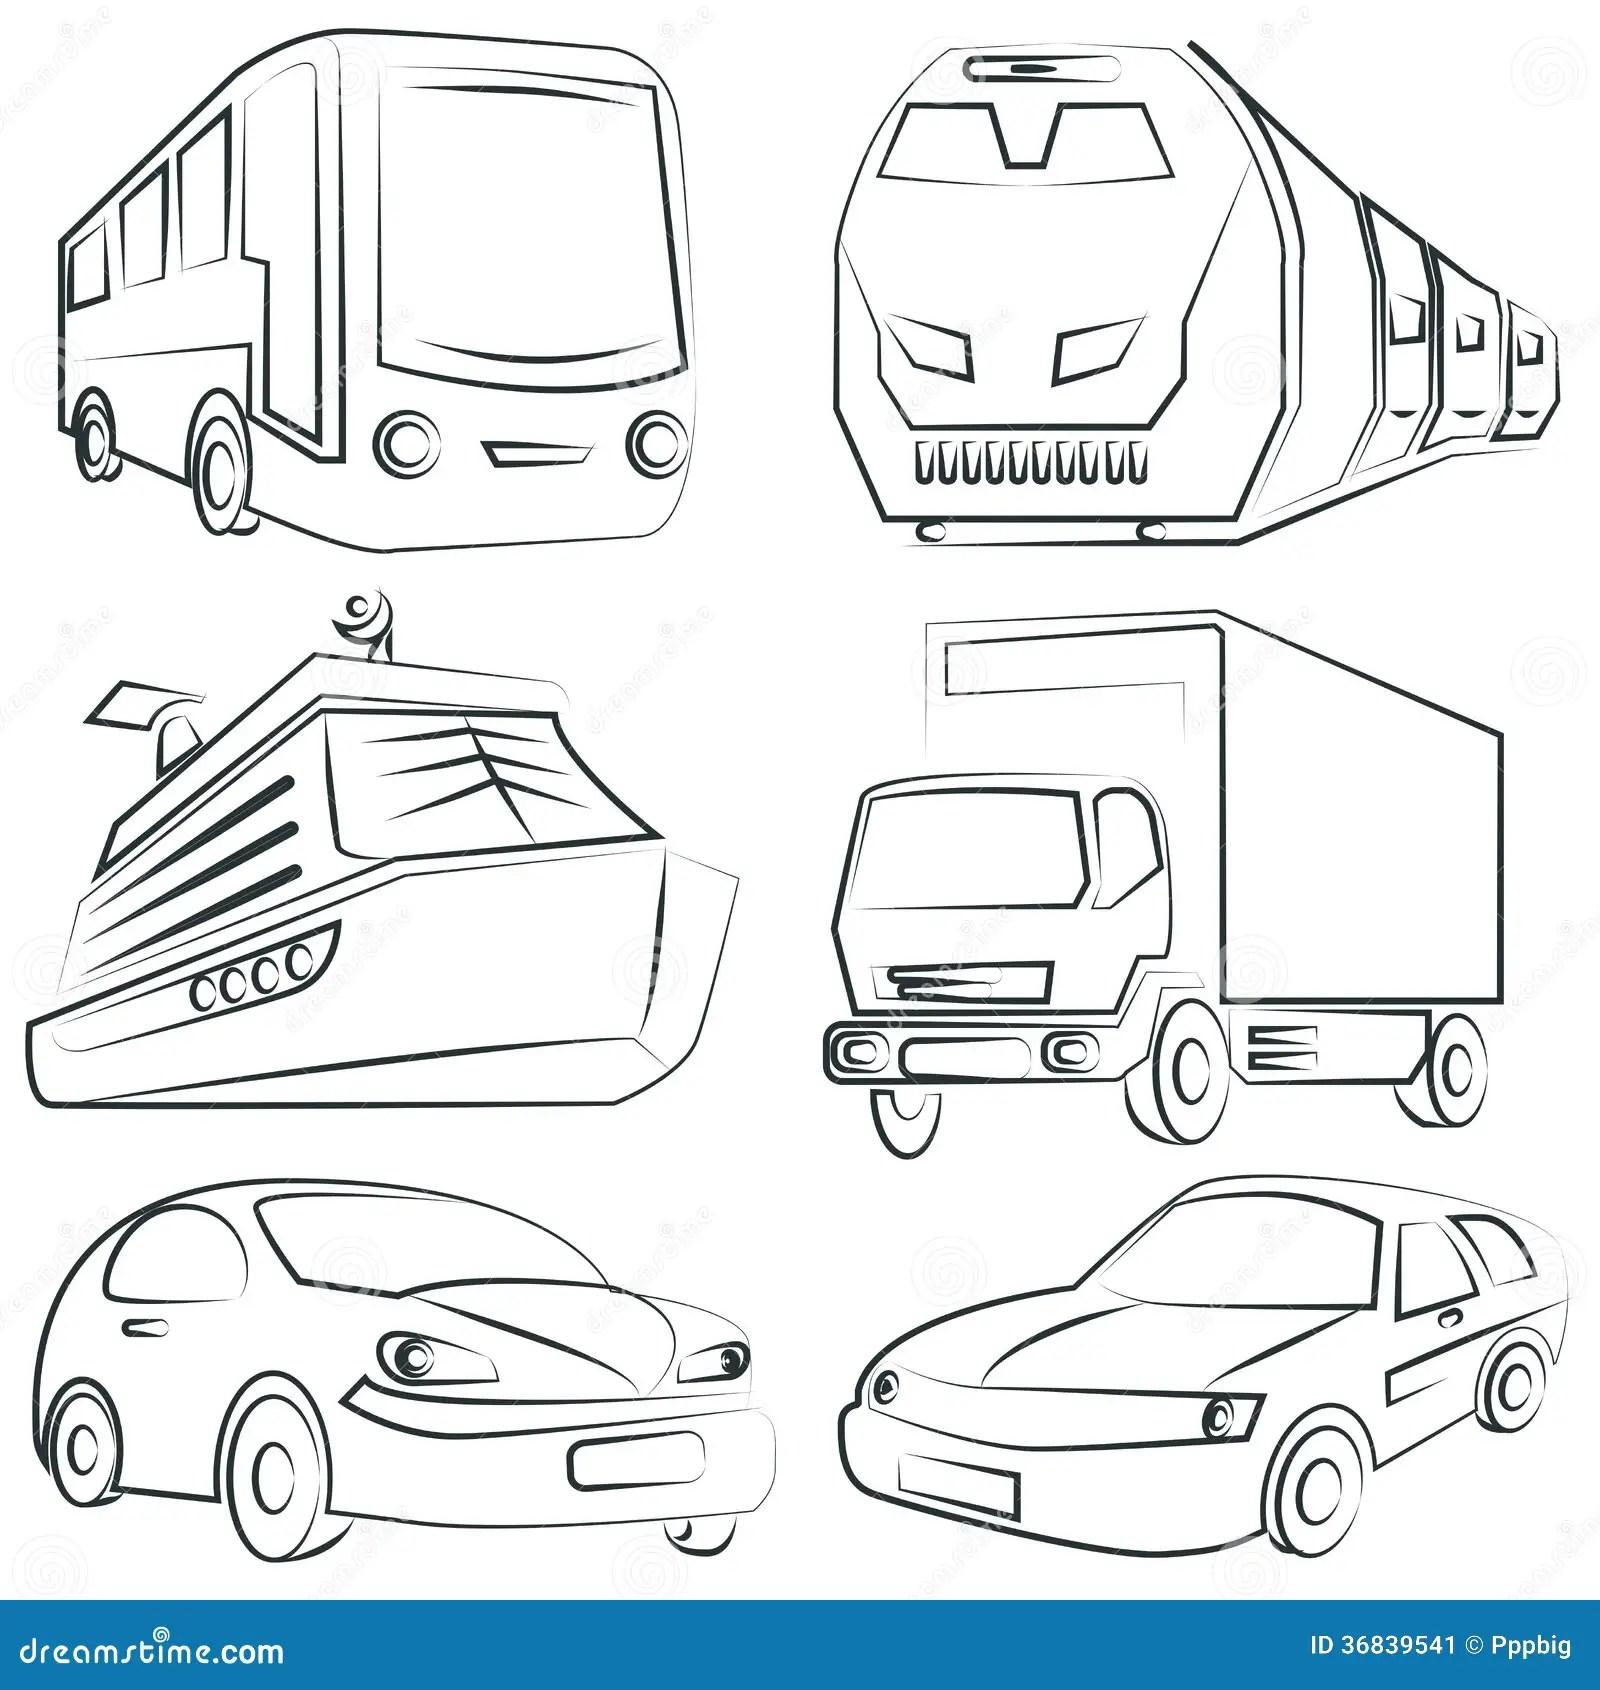 Sketched Car Truck Set Transportation Stock Image